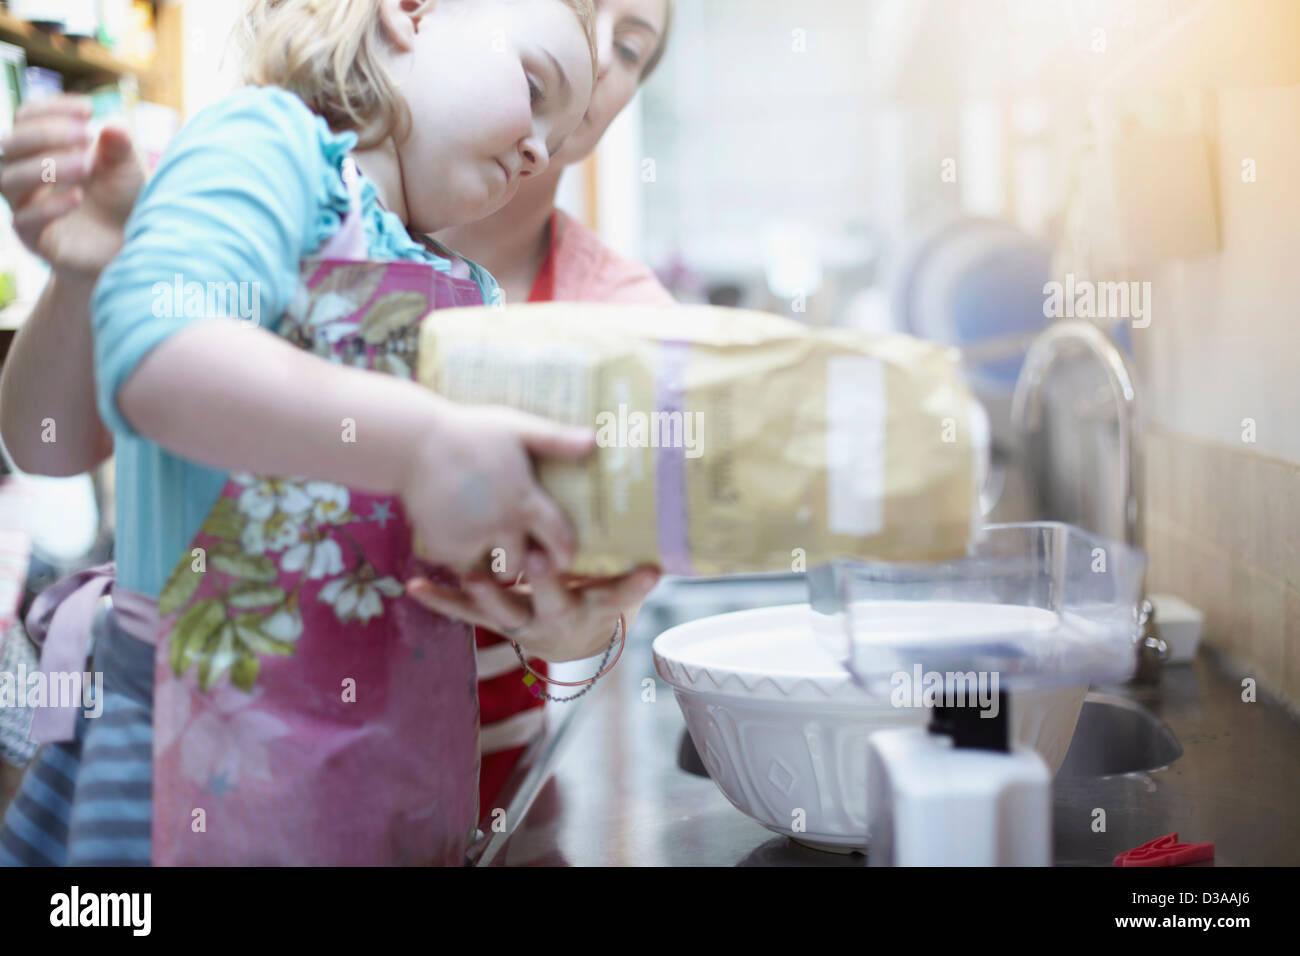 Mutter und Tochter gemeinsam Backen Stockbild